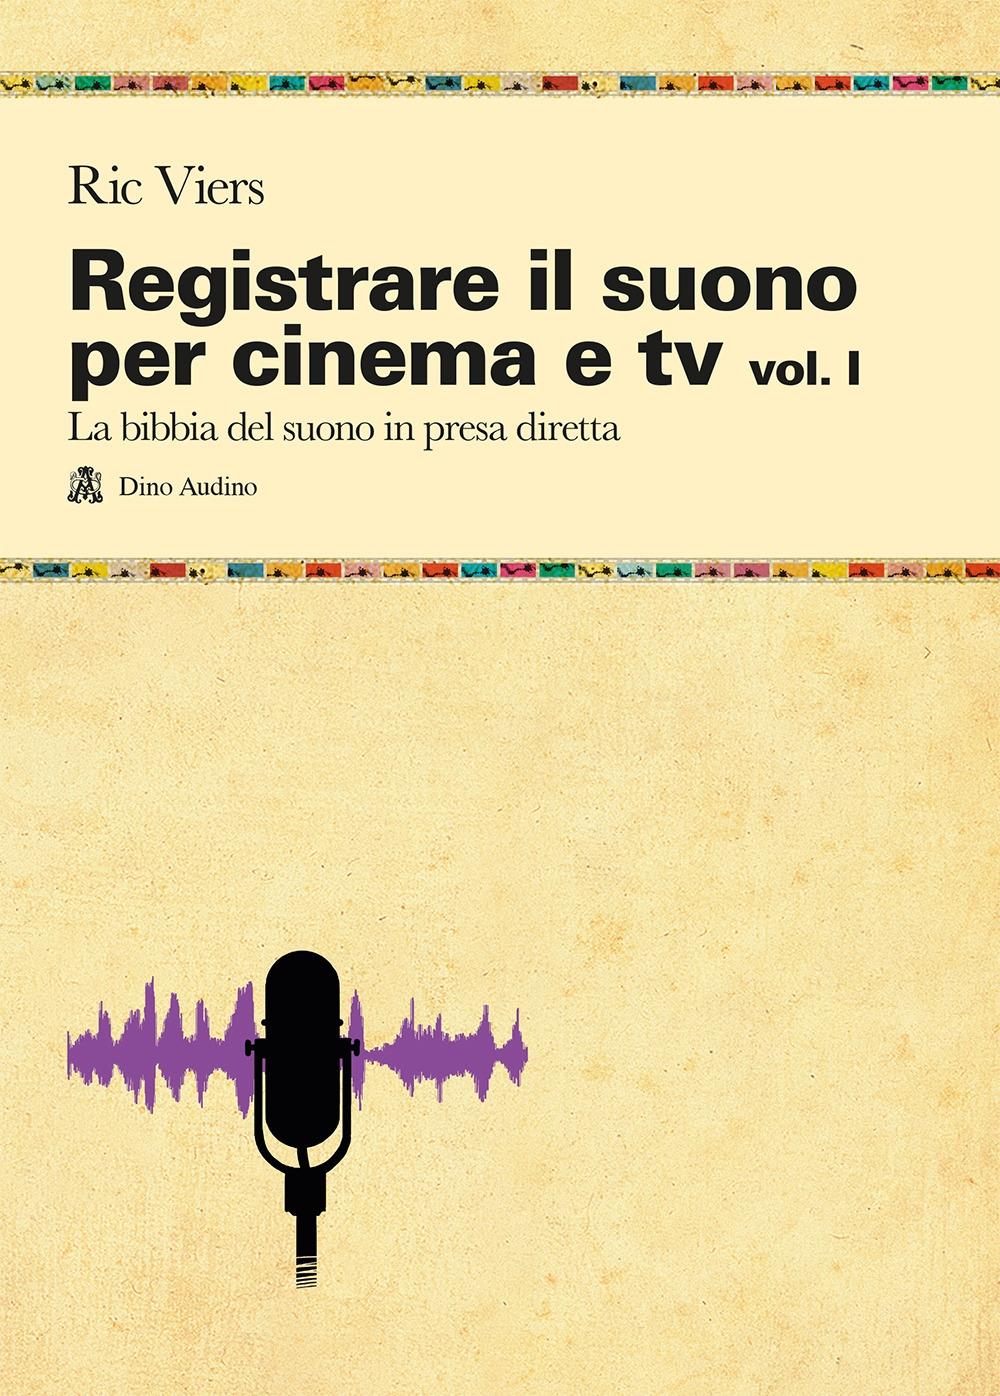 Registrare il suono per cinema e tv. Vol. 1: La bibbia del suono in presa diretta